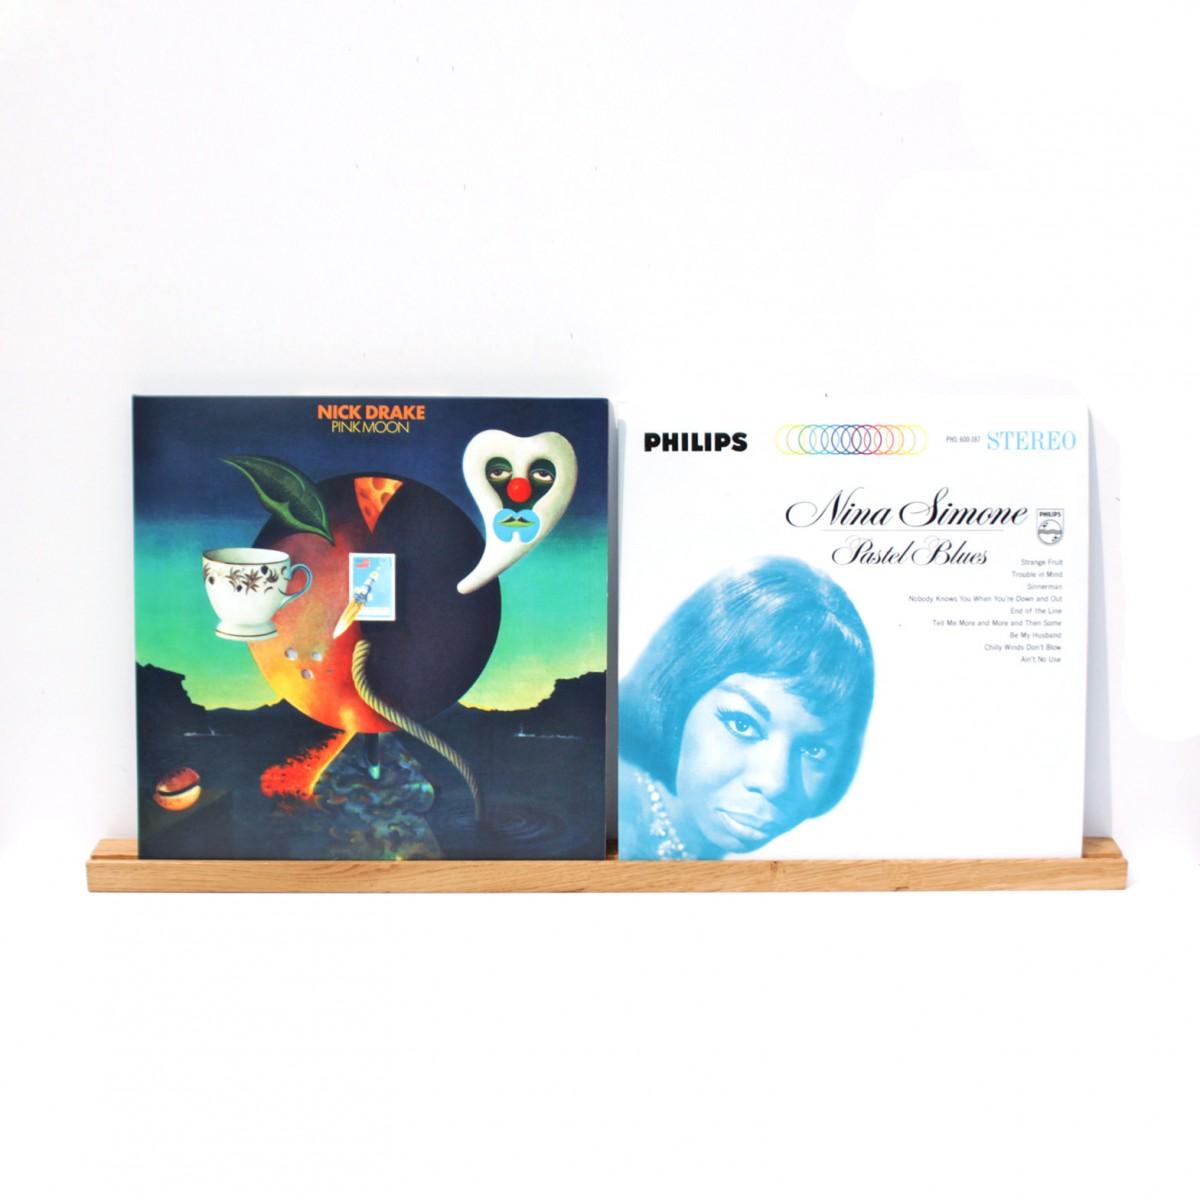 Schallplattenleiste, Wandregal, Schallplattencover Regalleiste aus Eiche / objet vague